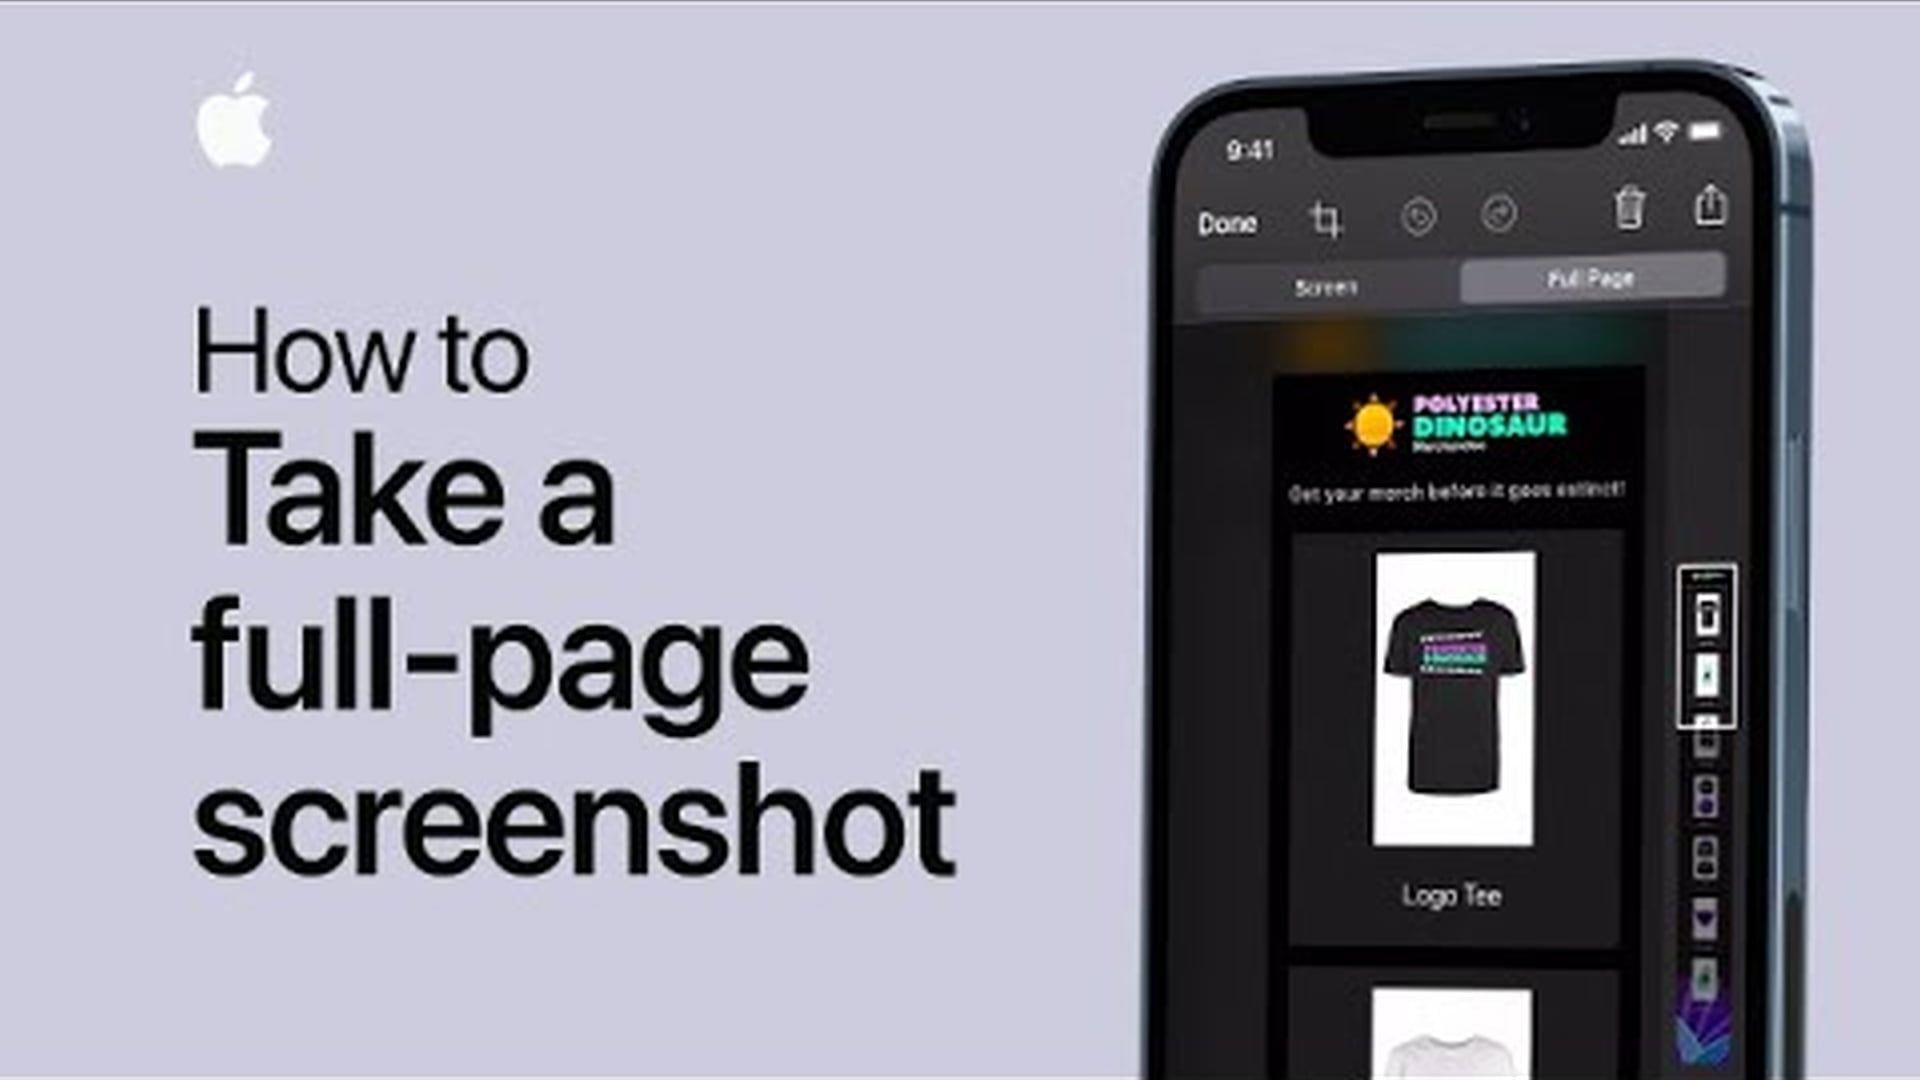 Poradnik Apple: Jak wykonać zrzutu ekranu całej strony